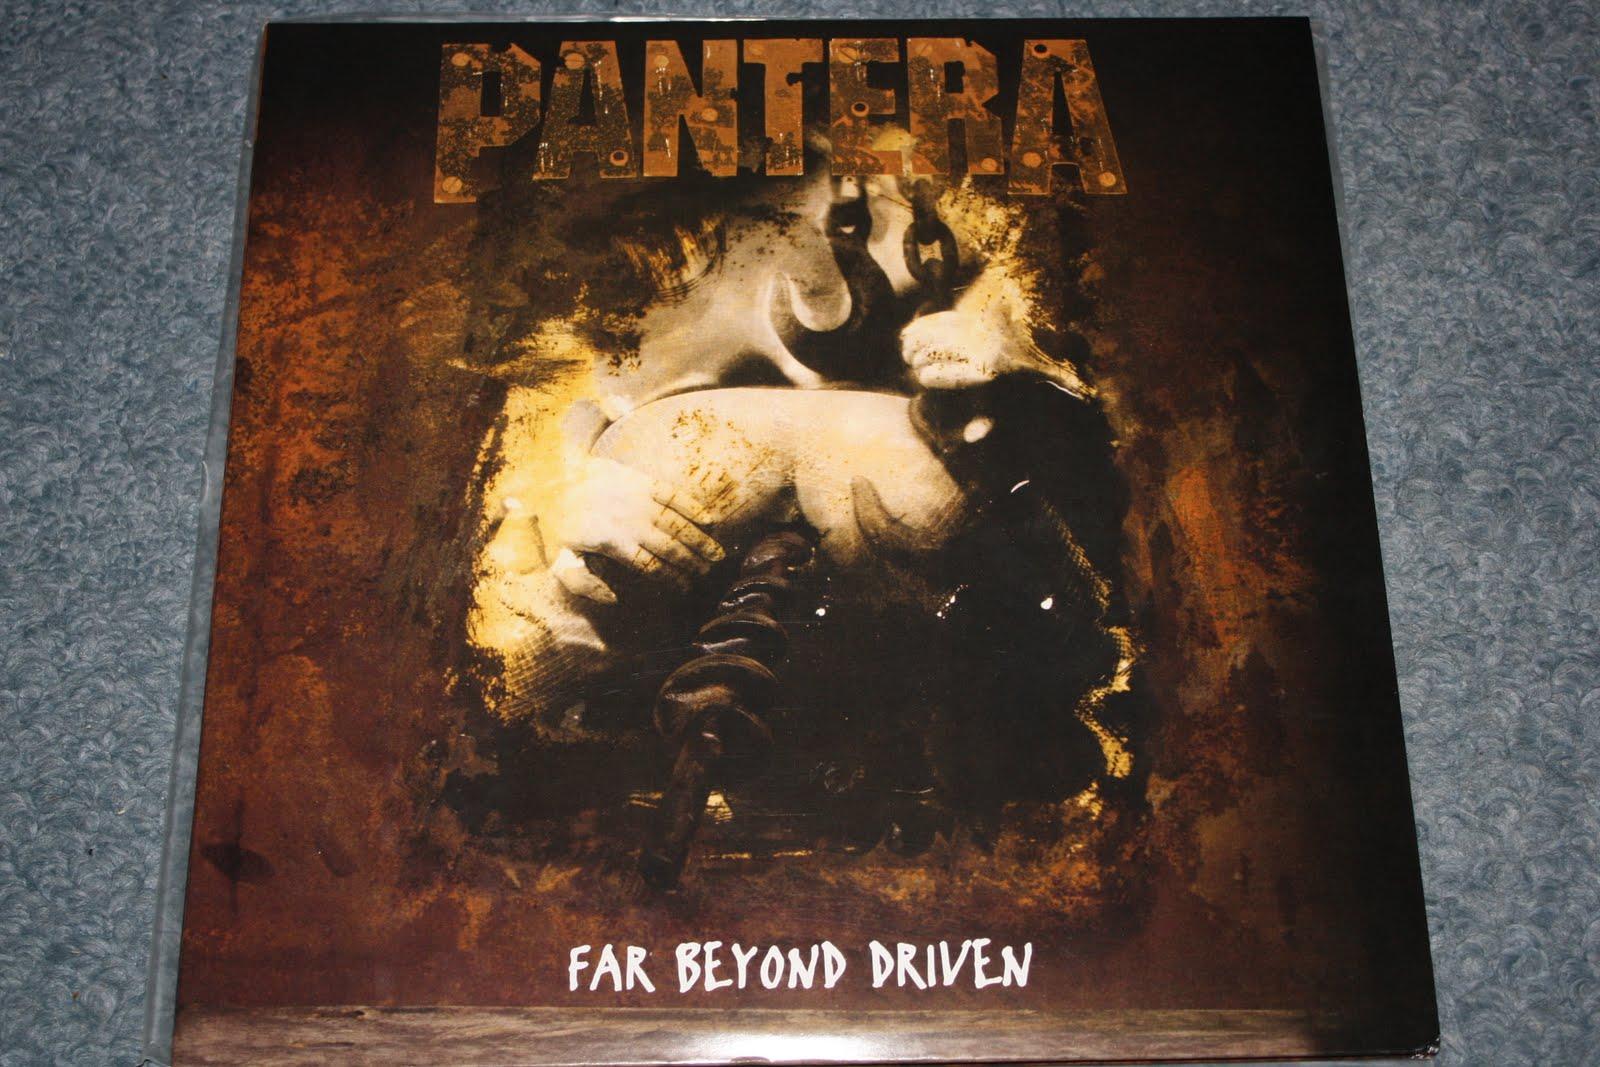 pantera far beyond driven - photo #25